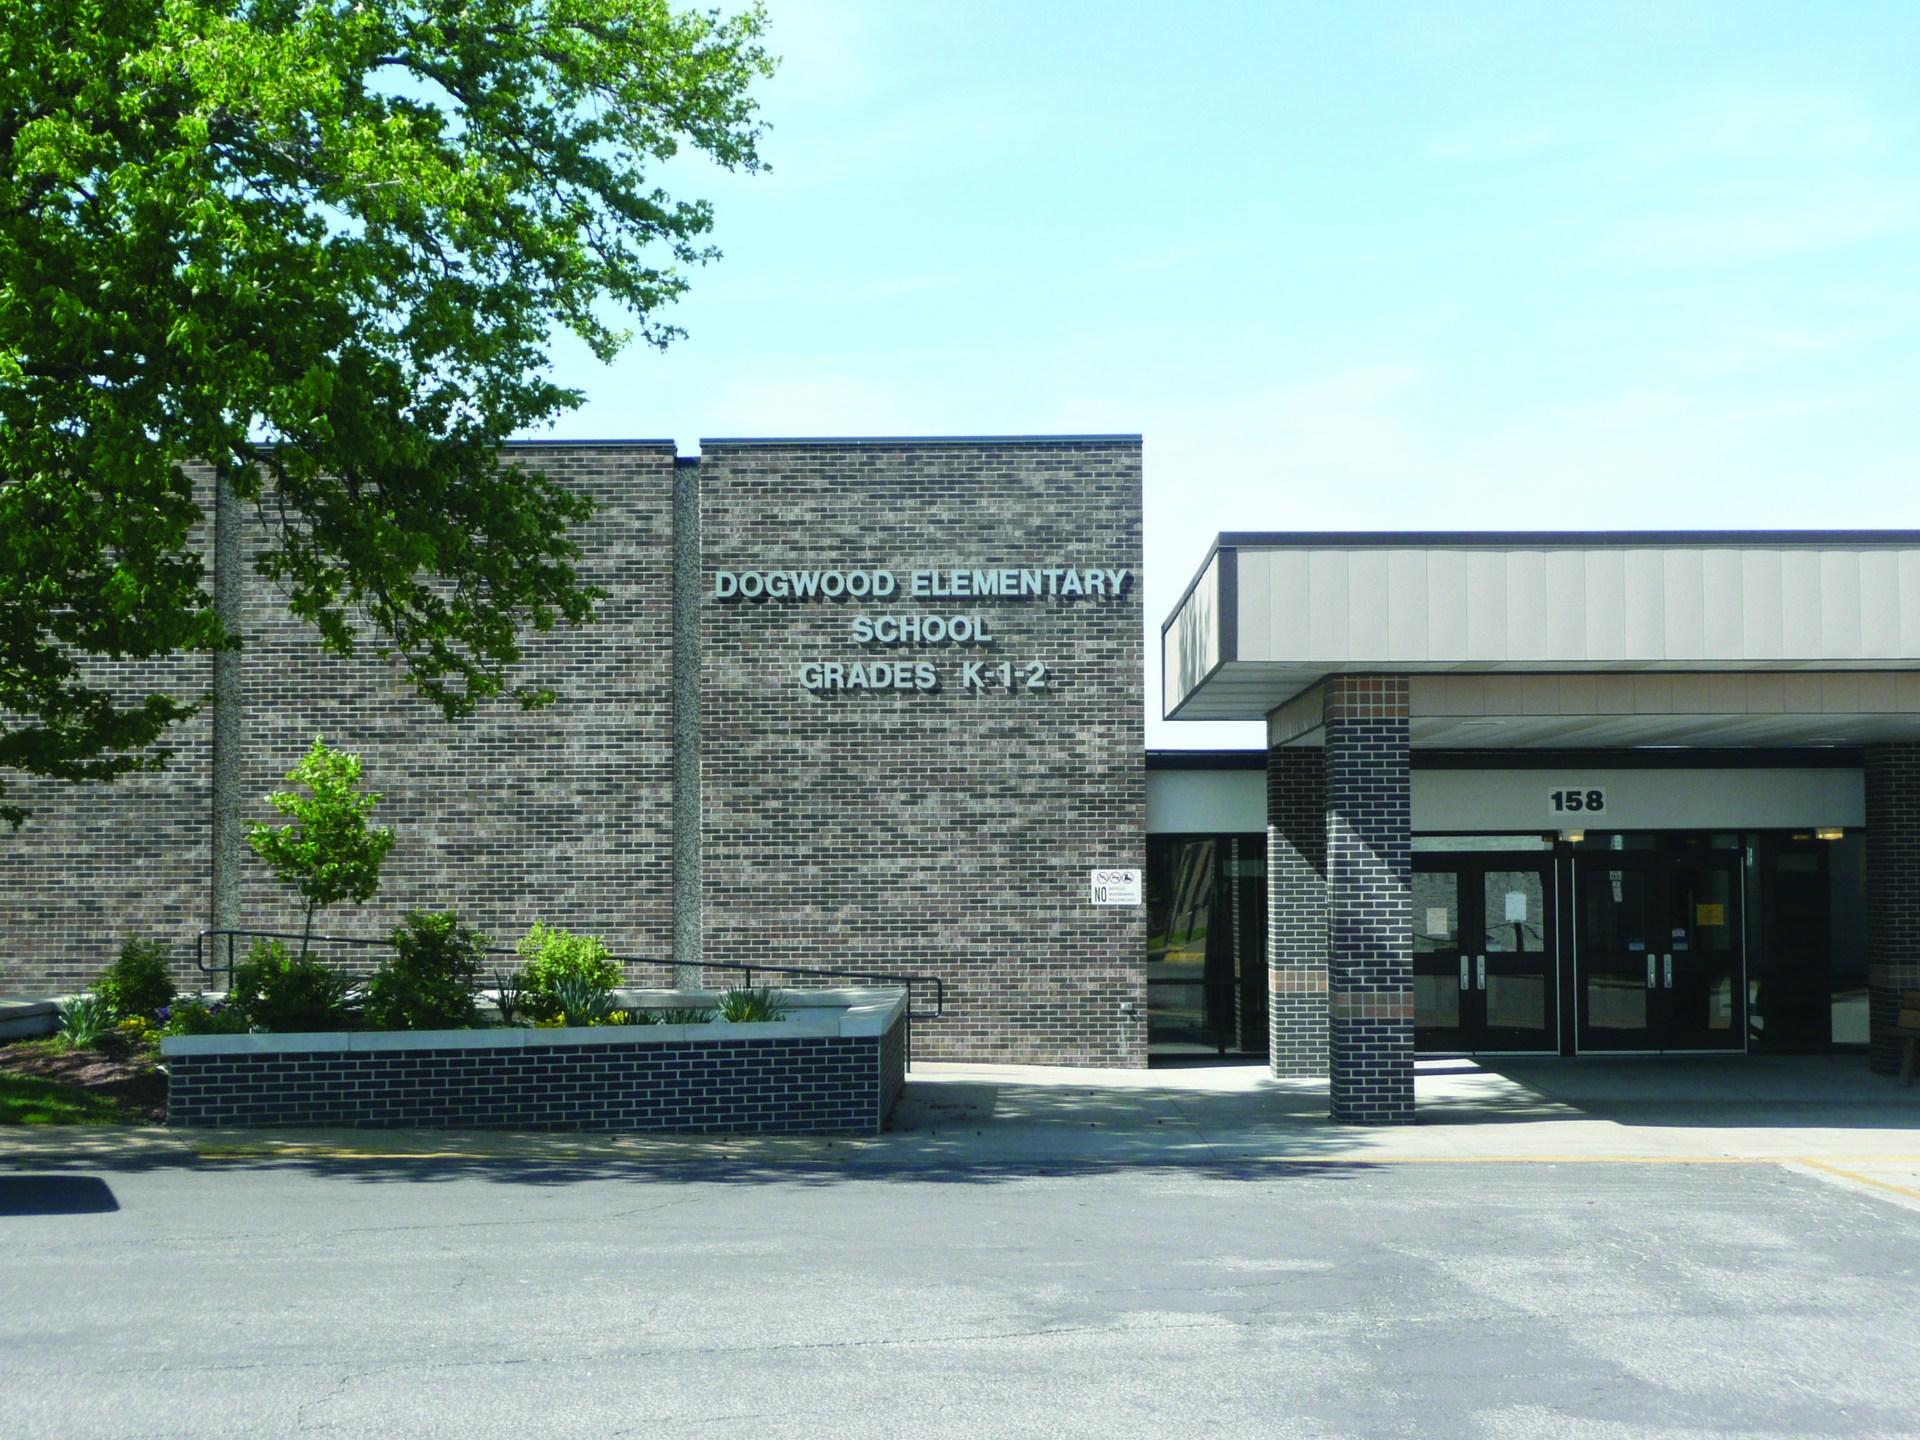 Dogwood Elementary